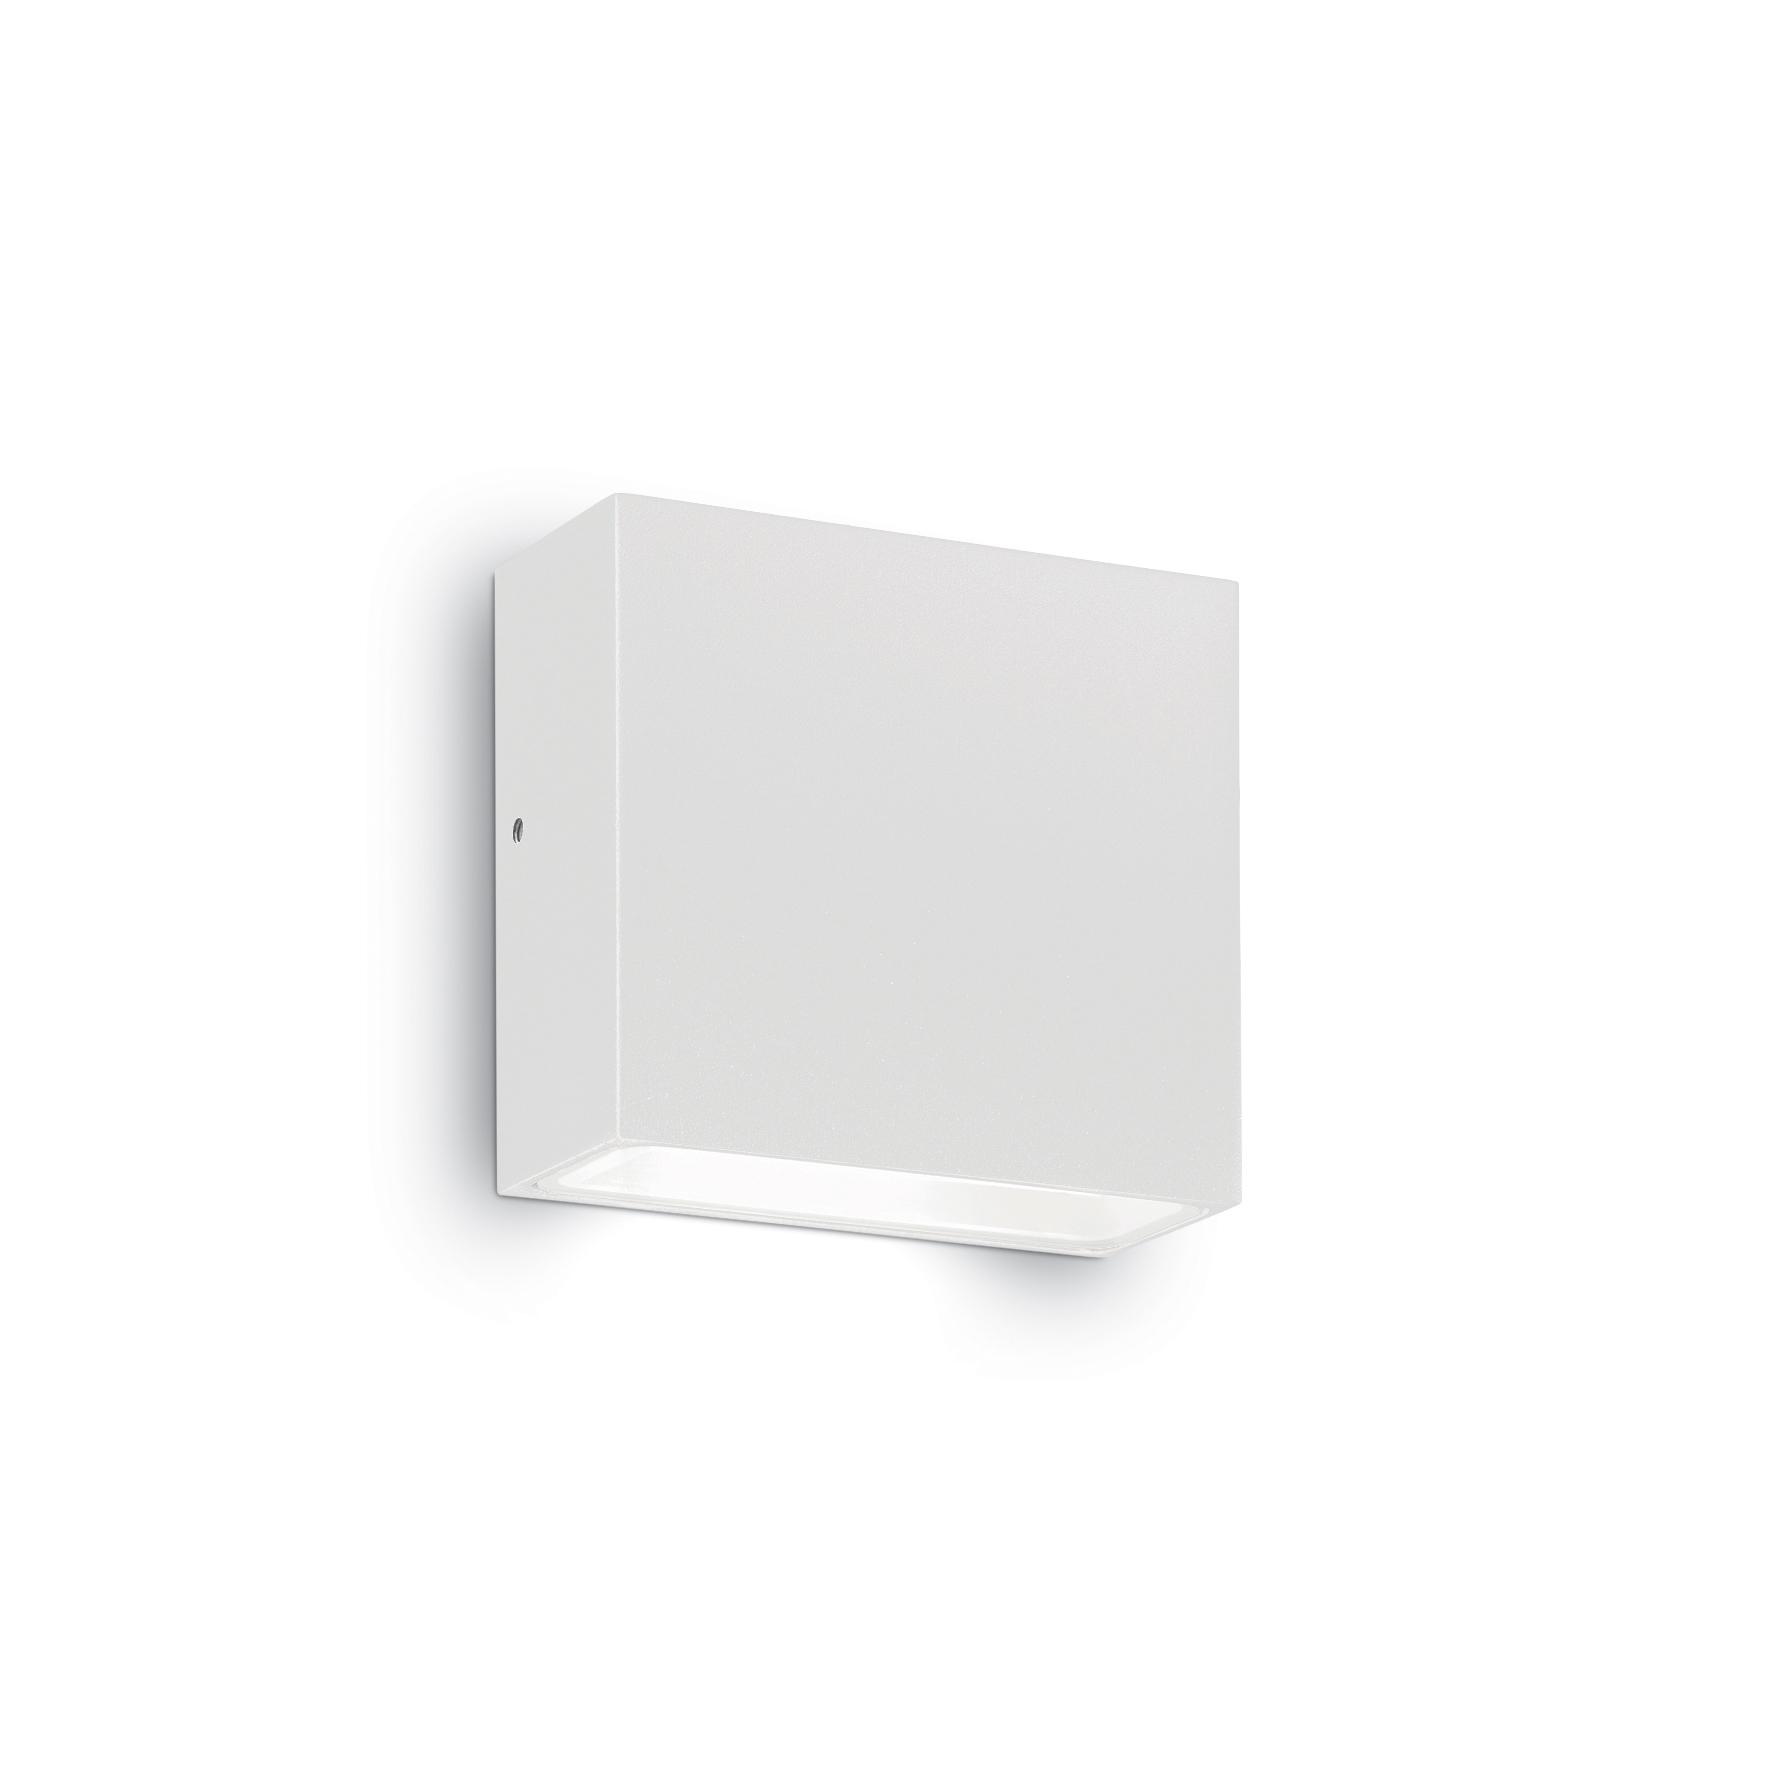 Aplica Tetris-1 AP1 White